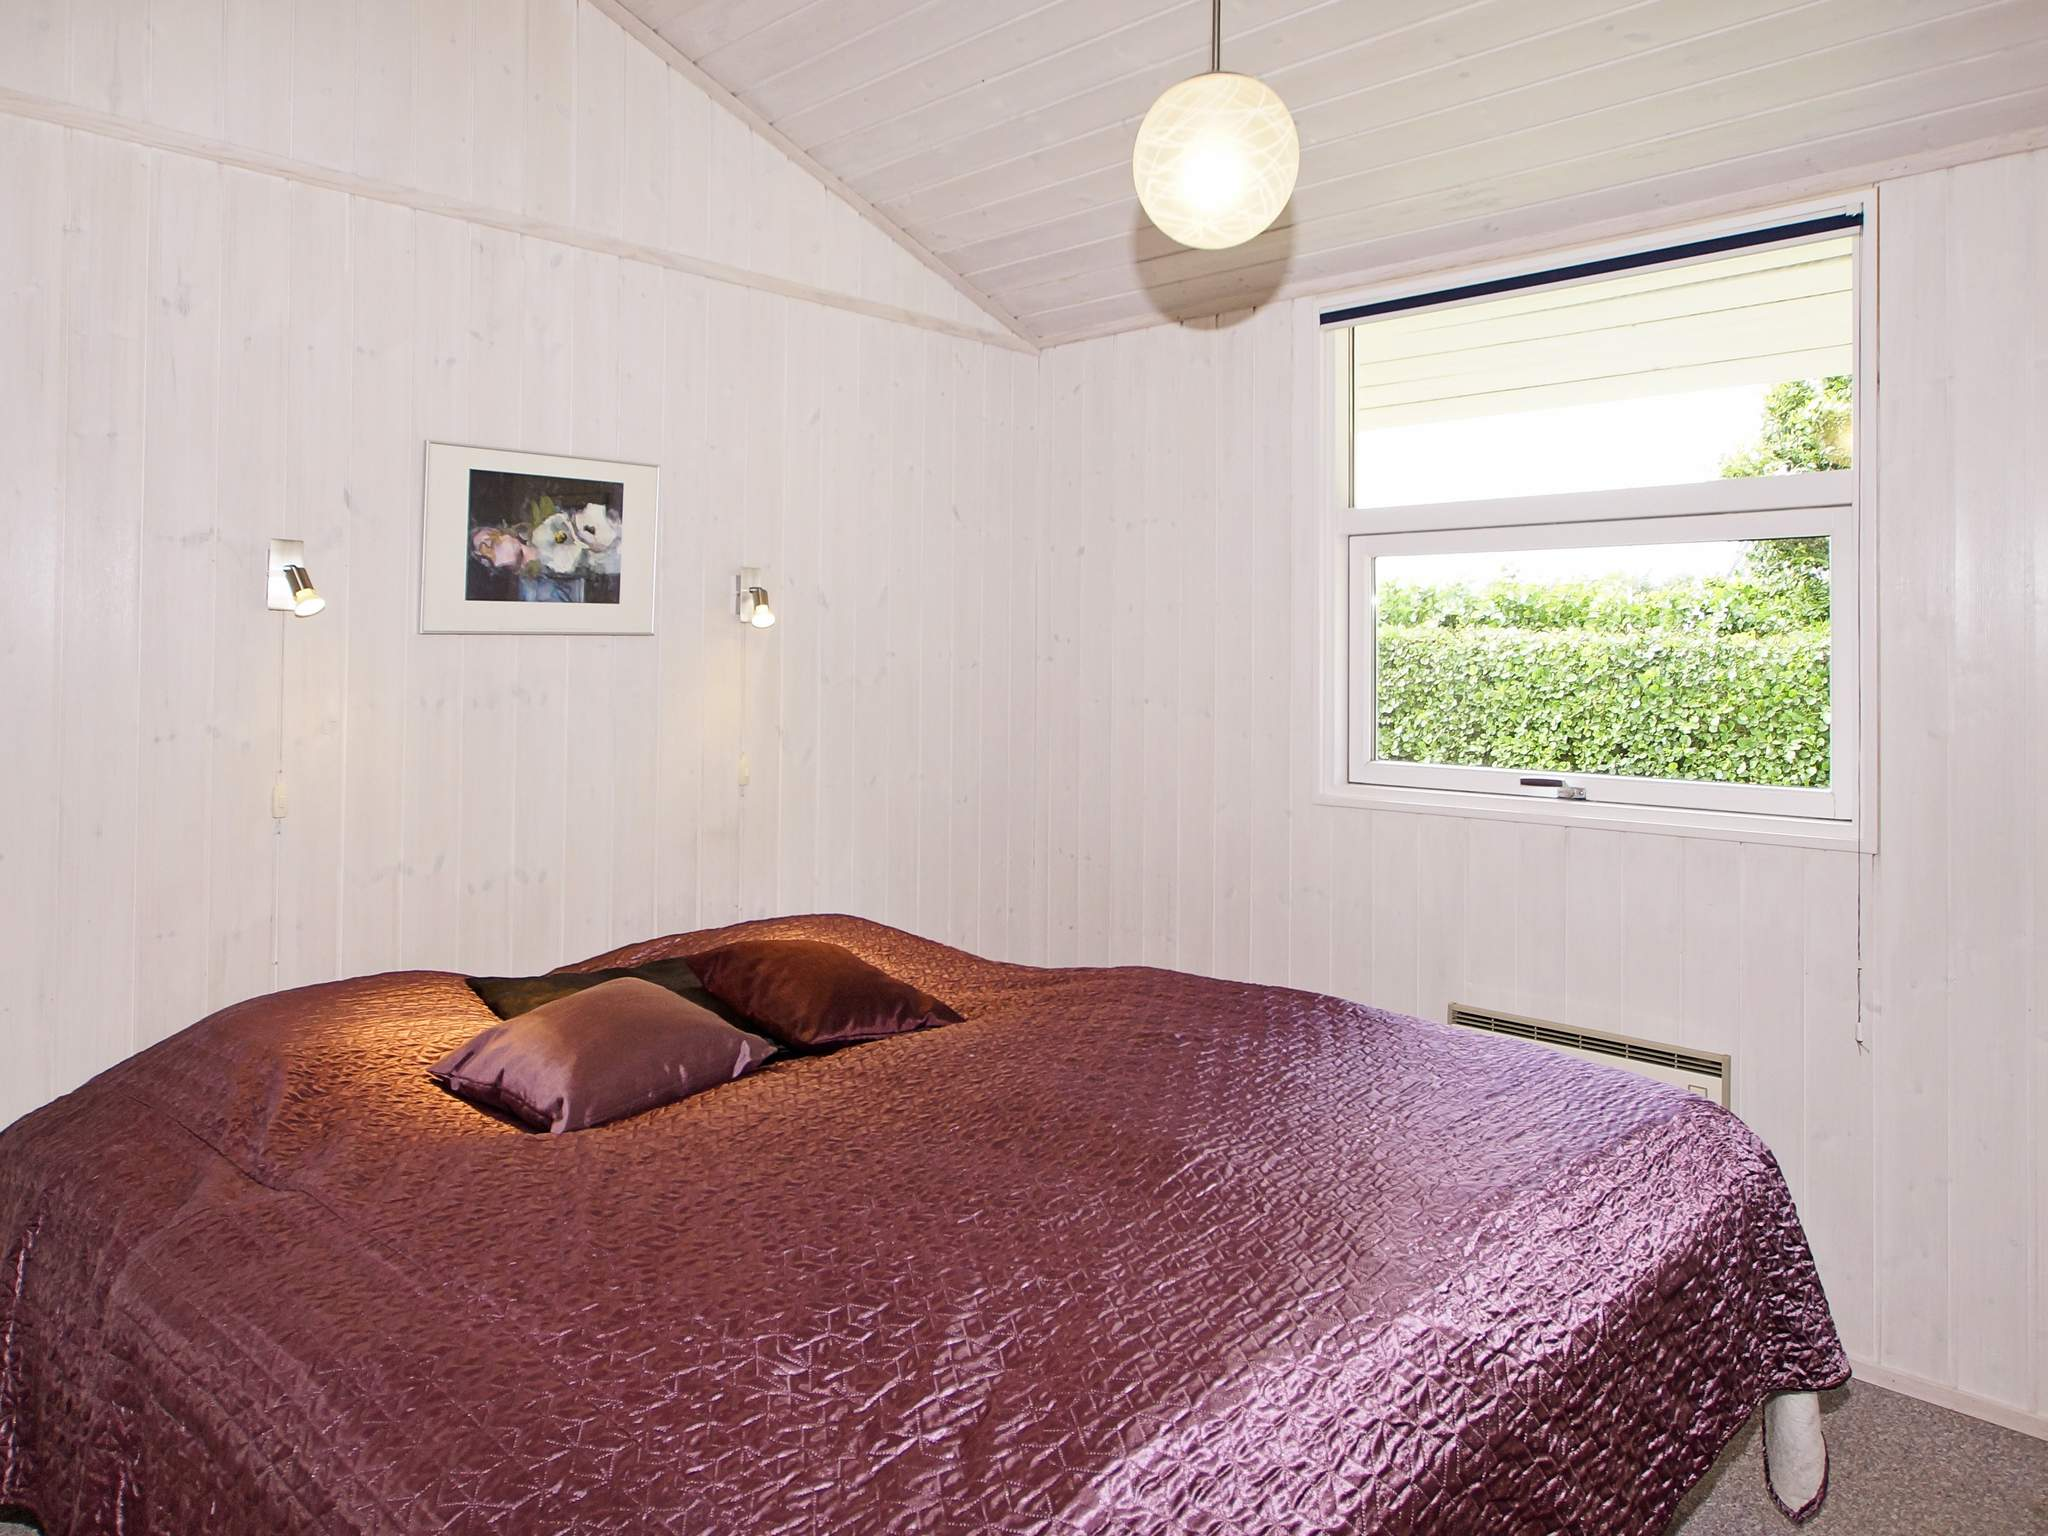 Ferienhaus Bork Havn (241763), Bork Havn, , Westjütland, Dänemark, Bild 6